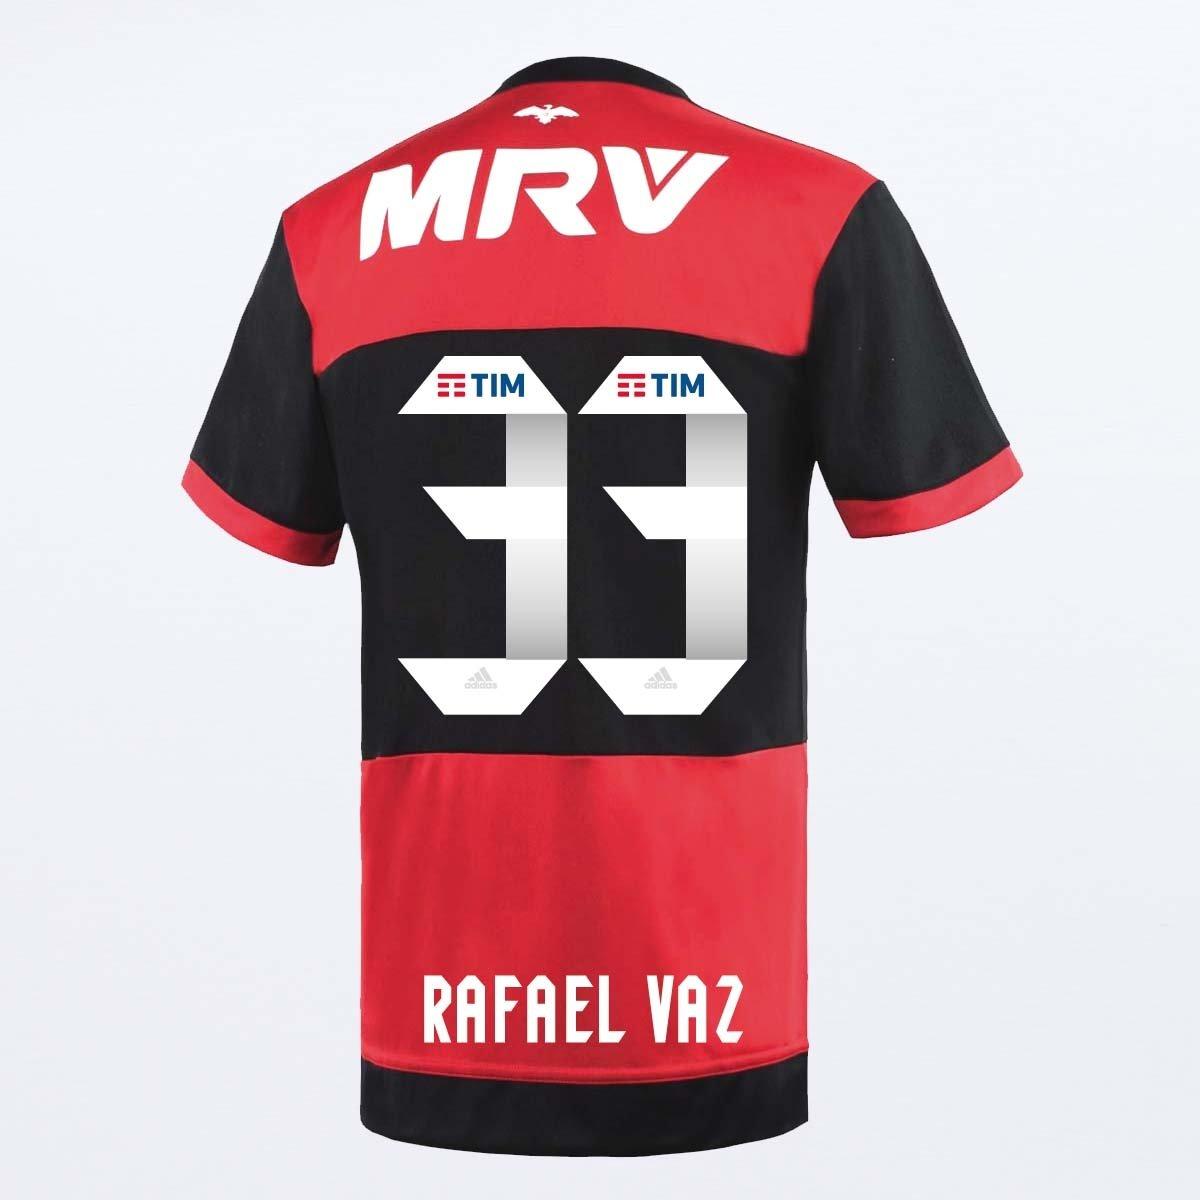 Camisa Flamengo Oficial Jogo 1 Adidas 2017 Rafael Vaz - Compre Agora ... 97c4702d0c1c2